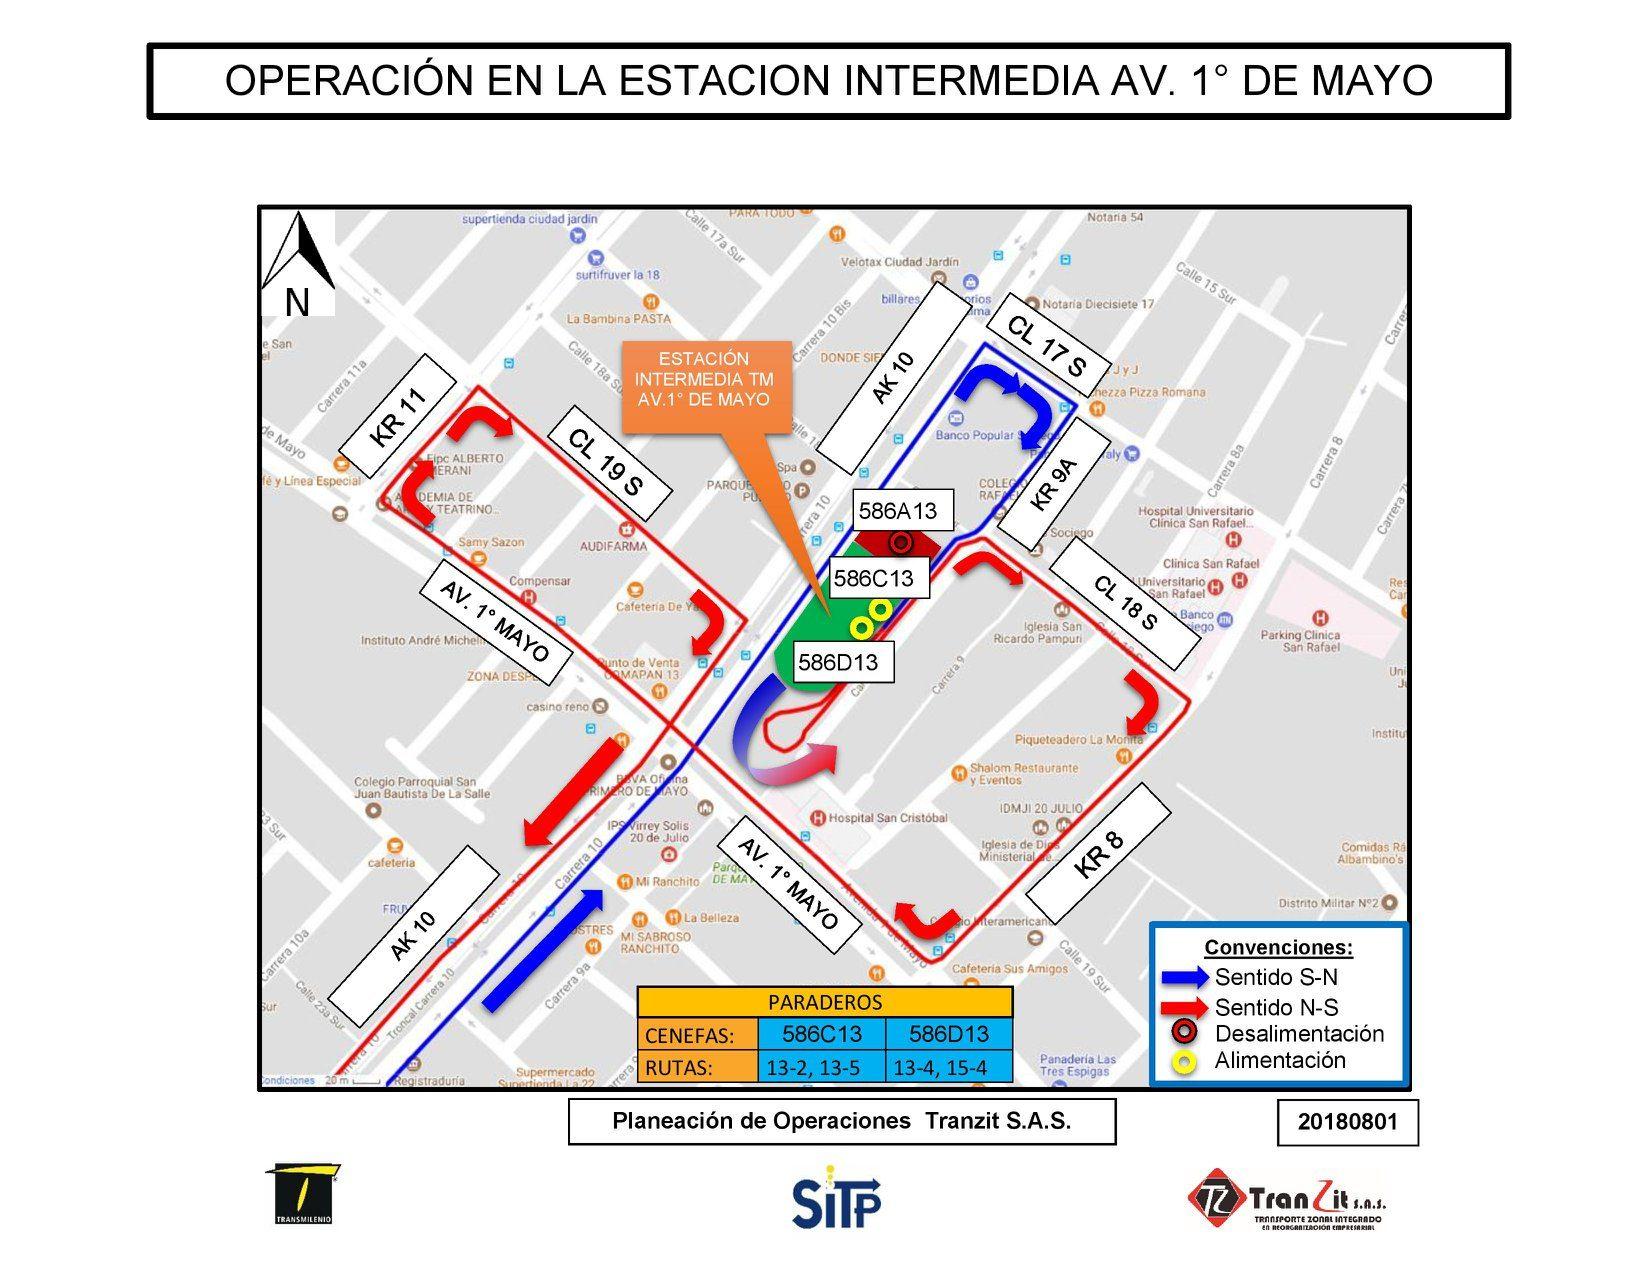 Sentido de circulación de algunas rutas en la estación Avenida 1° de Mayo